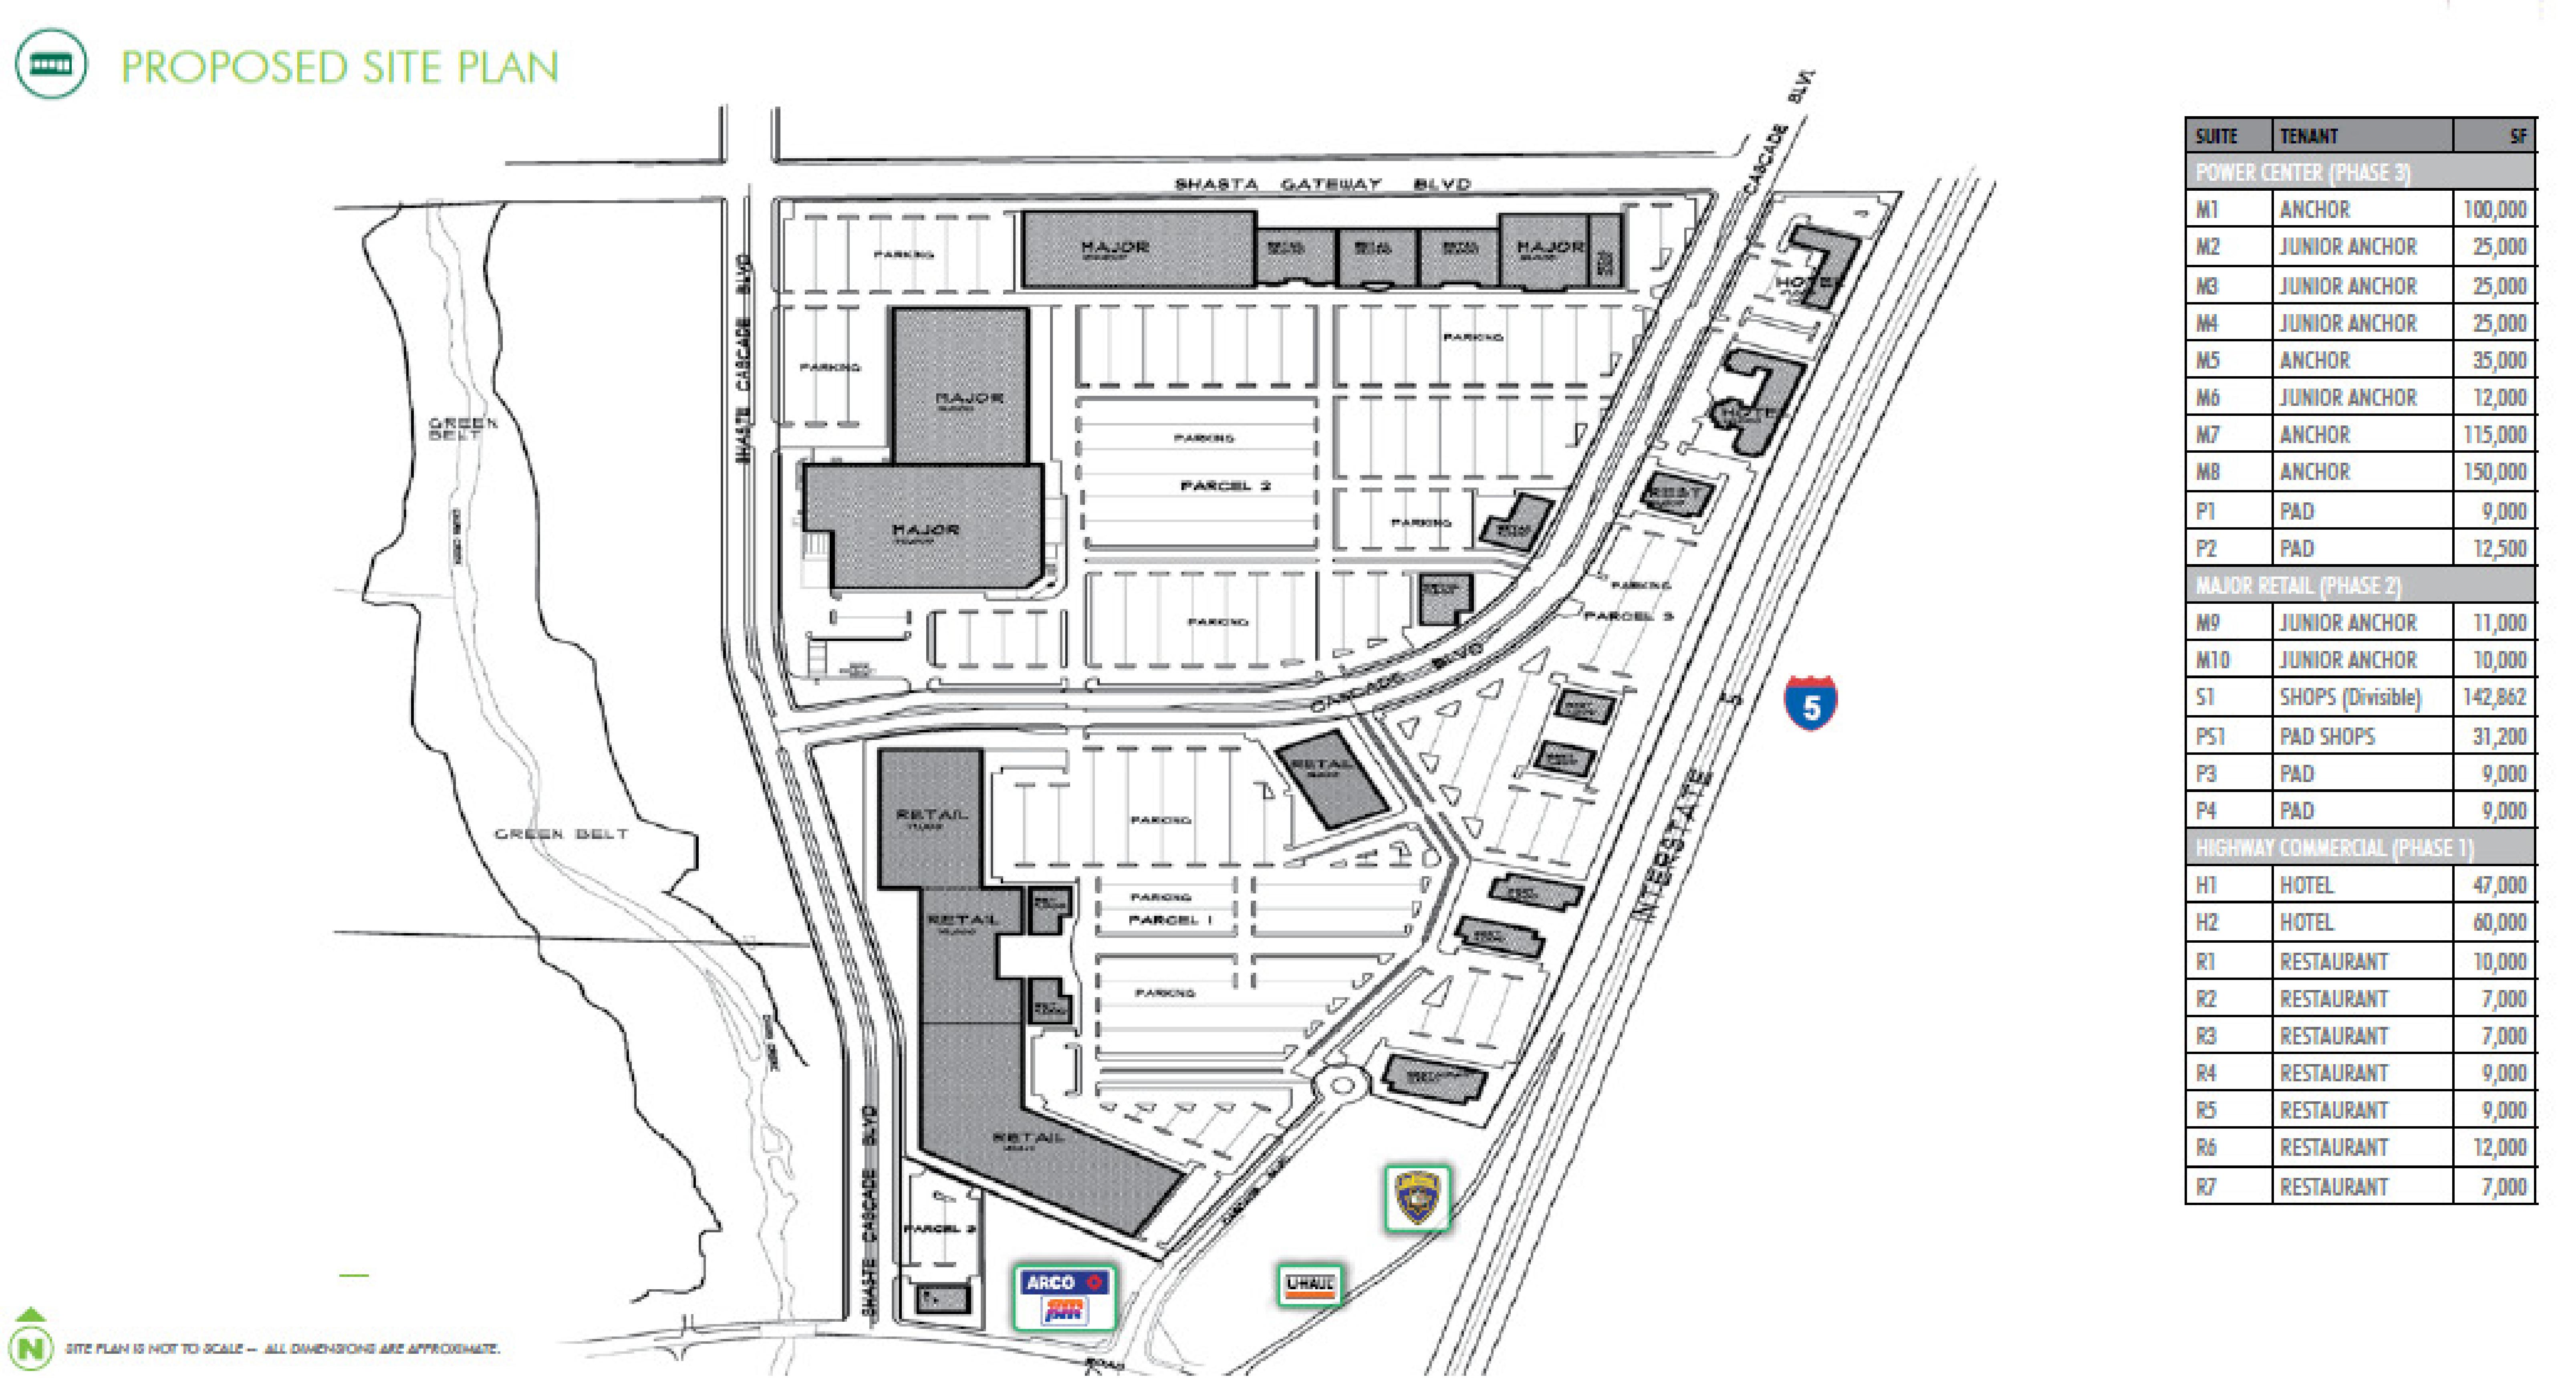 Oasis Promenade: site plan